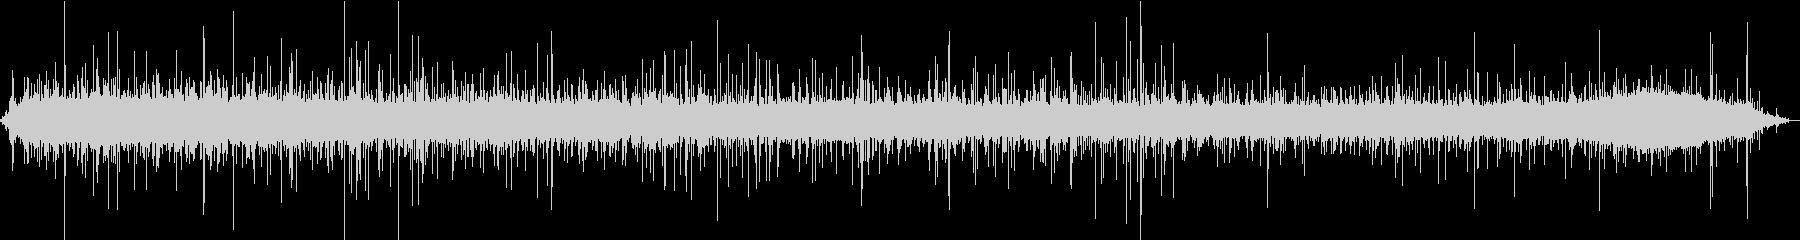 【生録音】美しい雨の音 2の未再生の波形